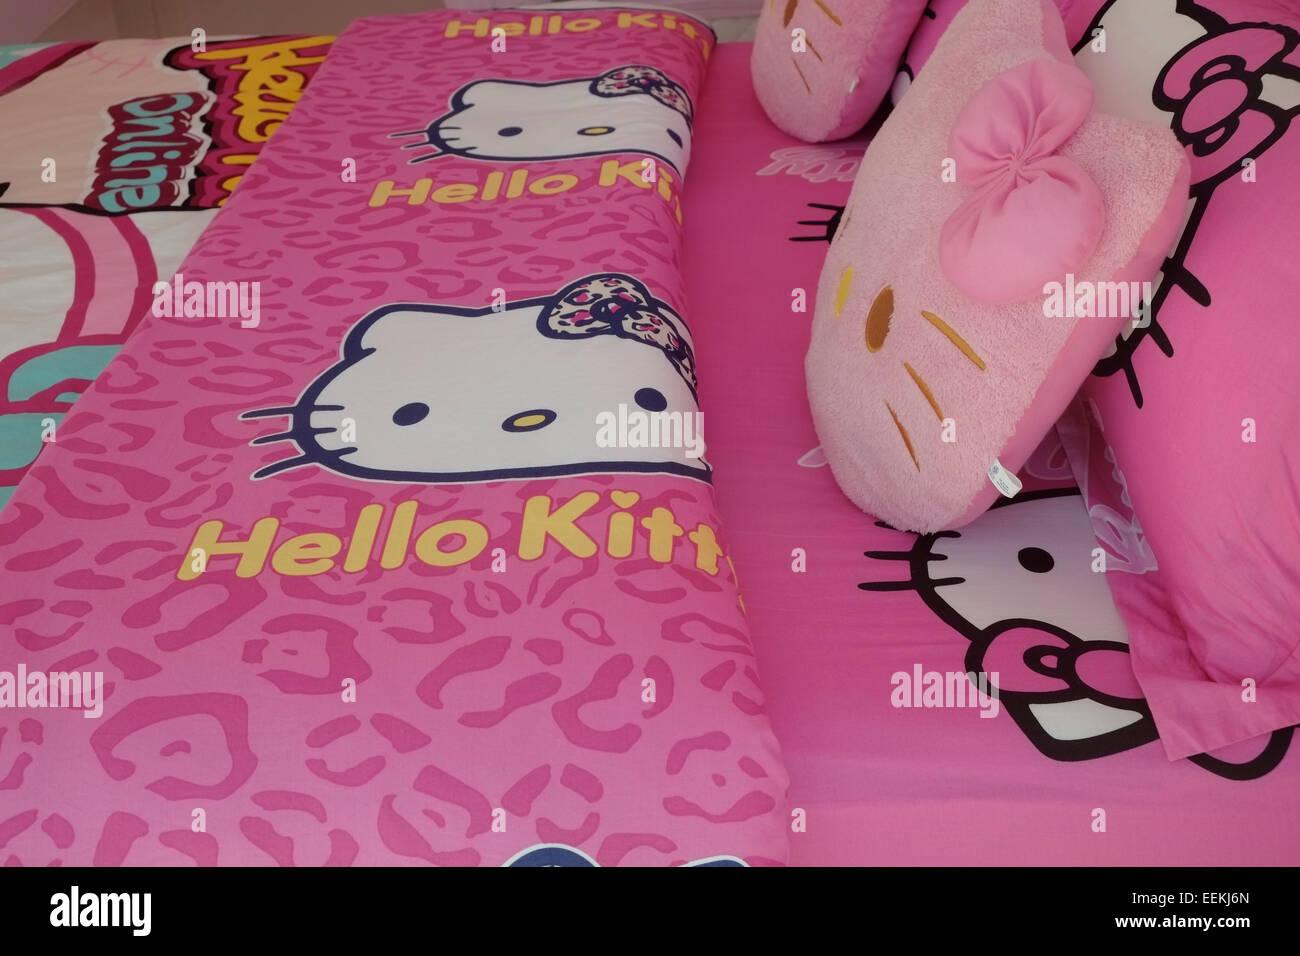 Letti Per Bambini Hello Kitty.La Biancheria Da Letto Con Figure Di Hello Kitty Bambola Che E Un